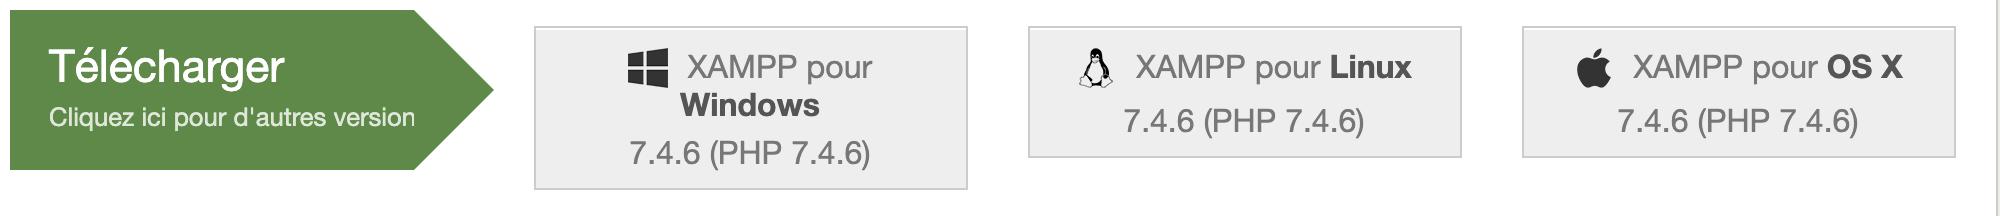 Téléchargement de XAMPP pour Linux